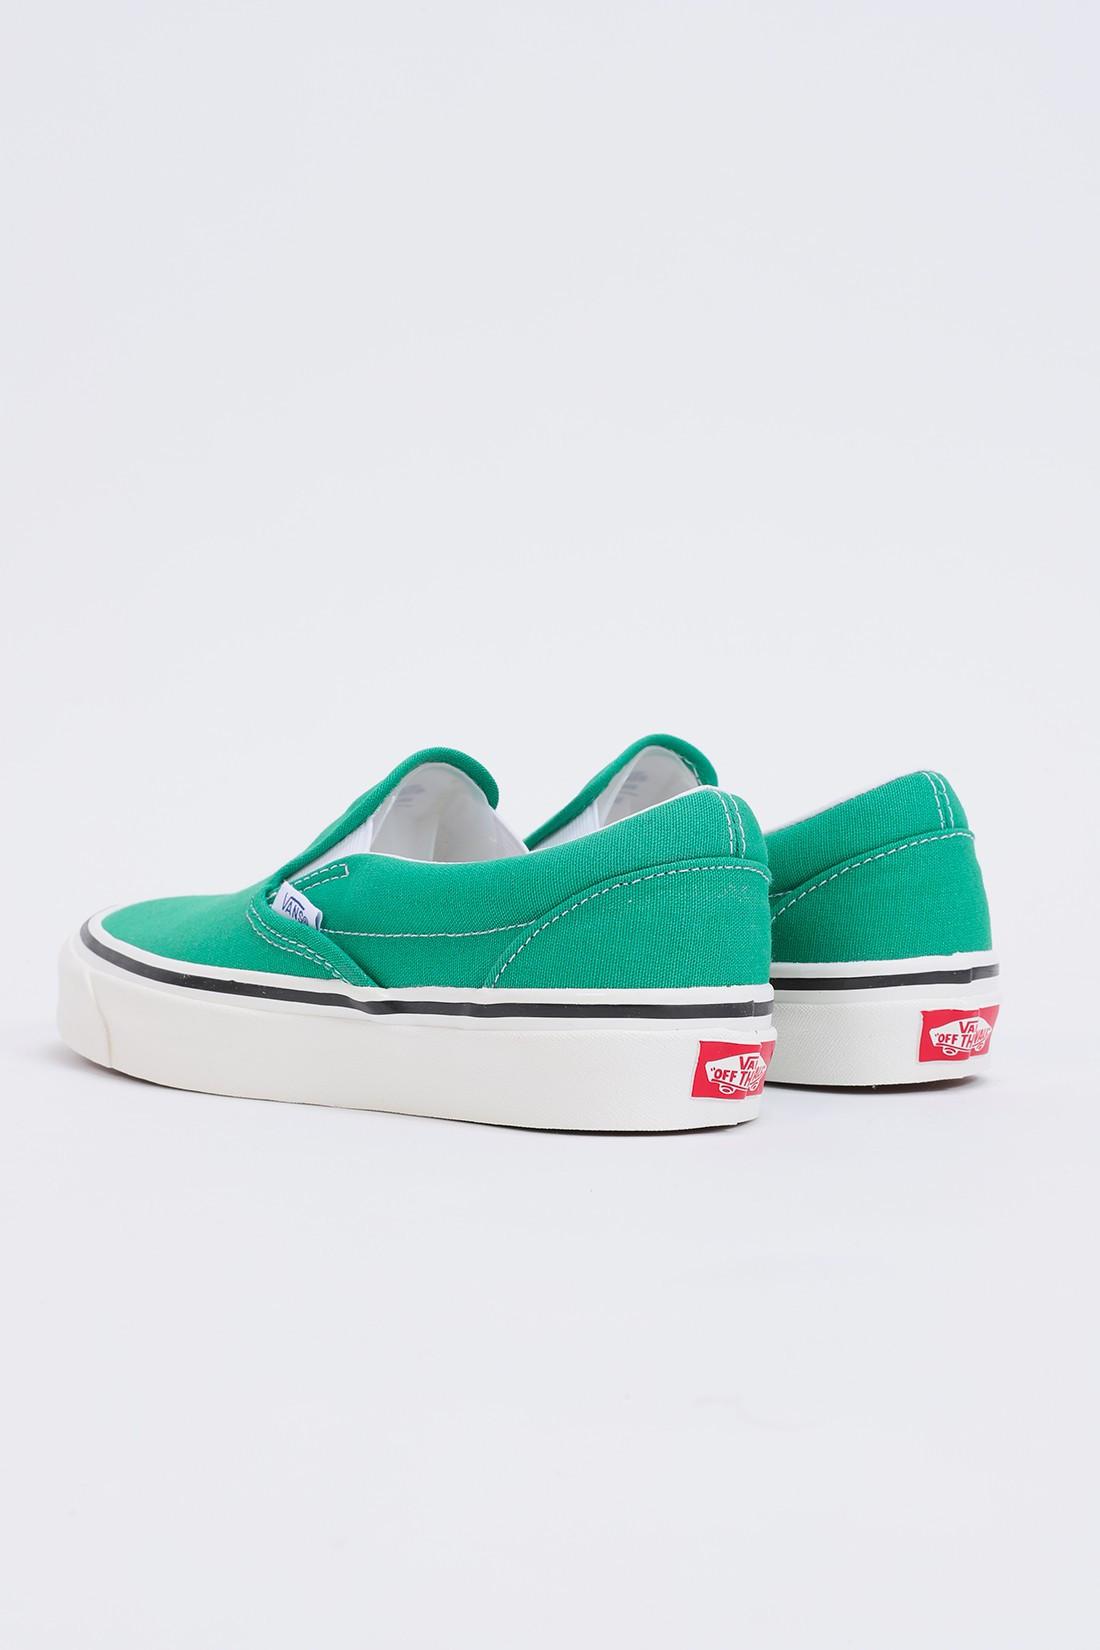 VANS / Classic slip-on 98 dx Og emerald